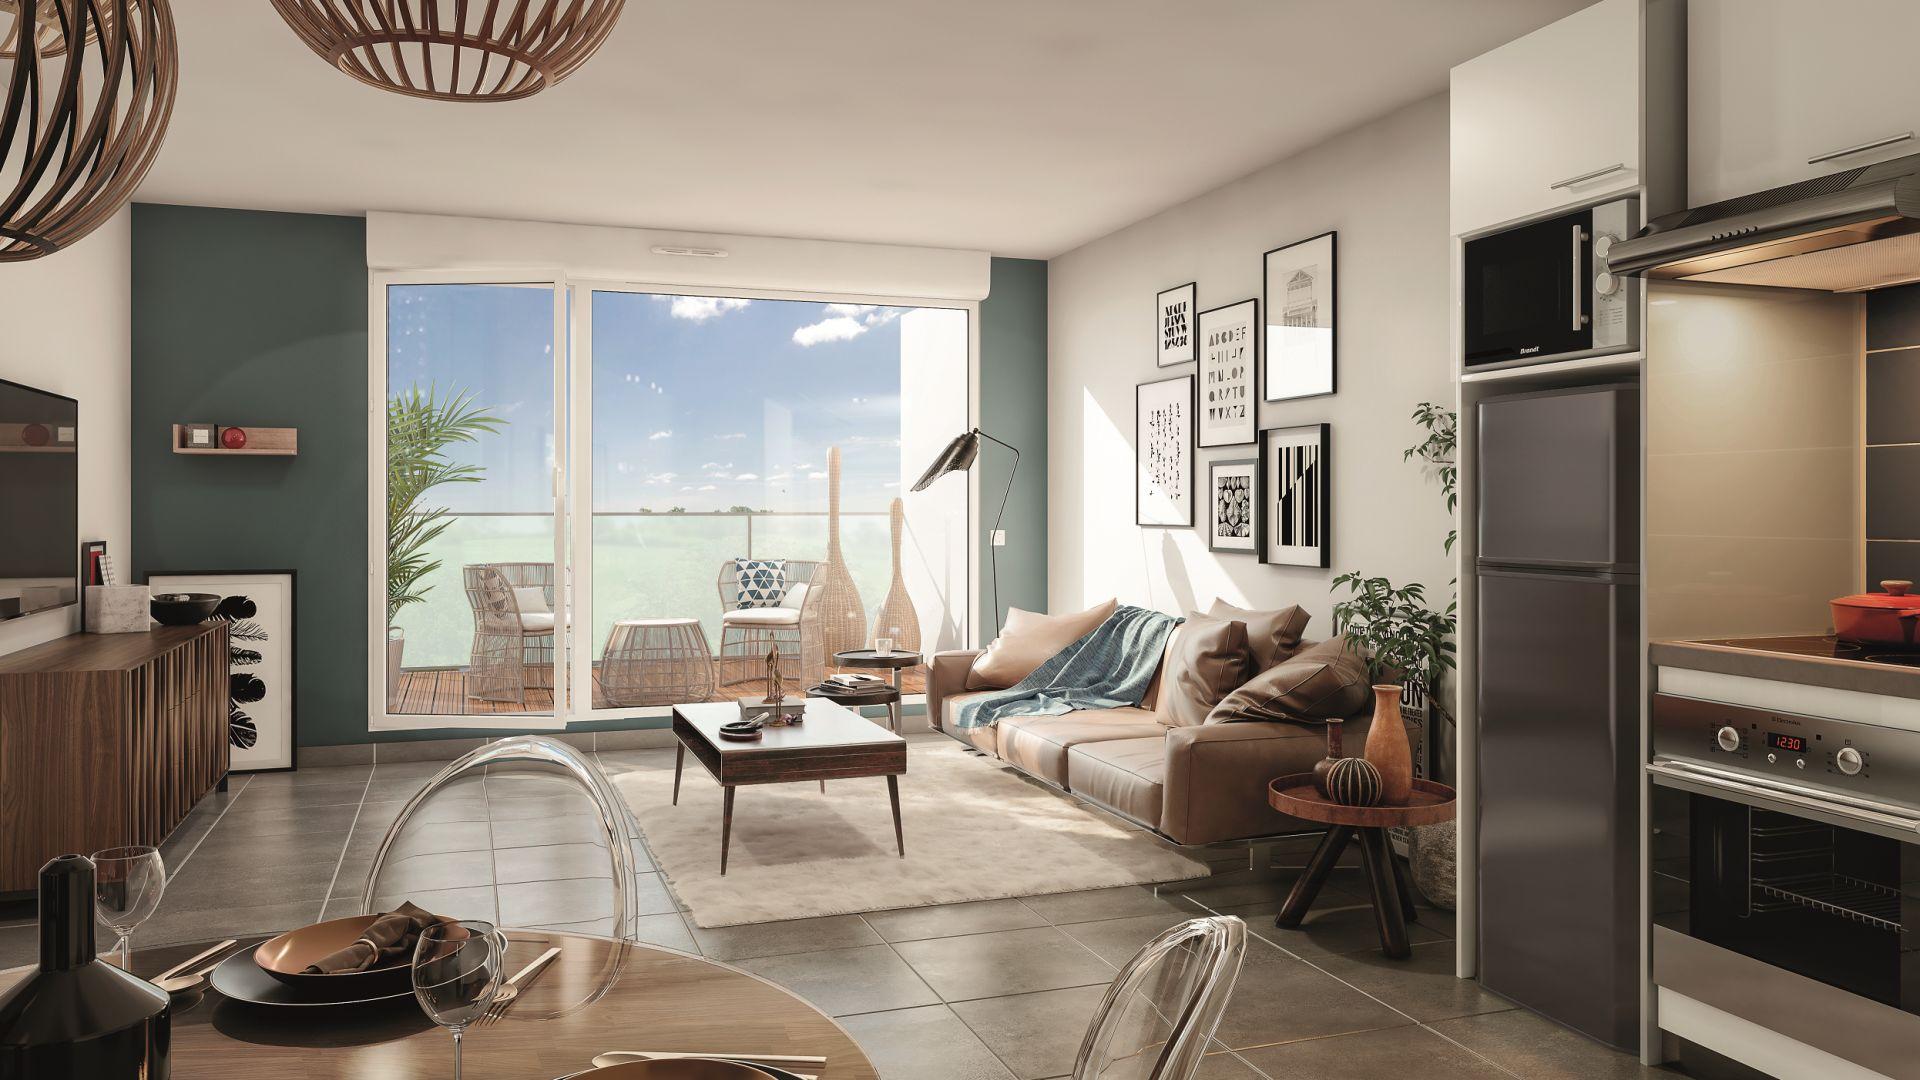 Greencity Immobilier - Le Madison - 31860 Labarthe sur Lèze - achat appartements neufs du T2 au T3 - vue intérieure